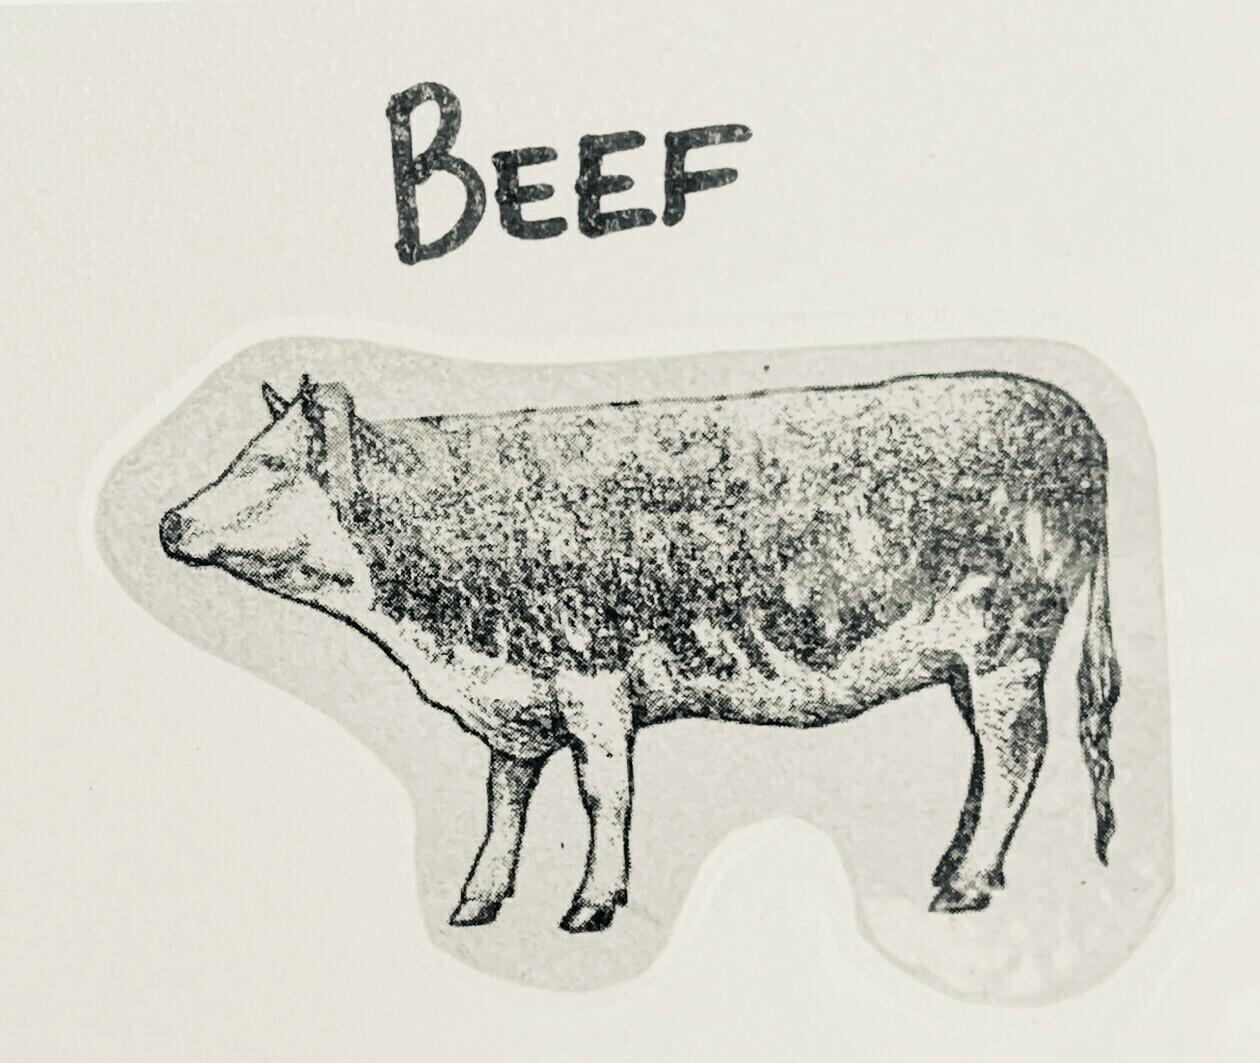 beef, round roast/London broil; each; Watermark